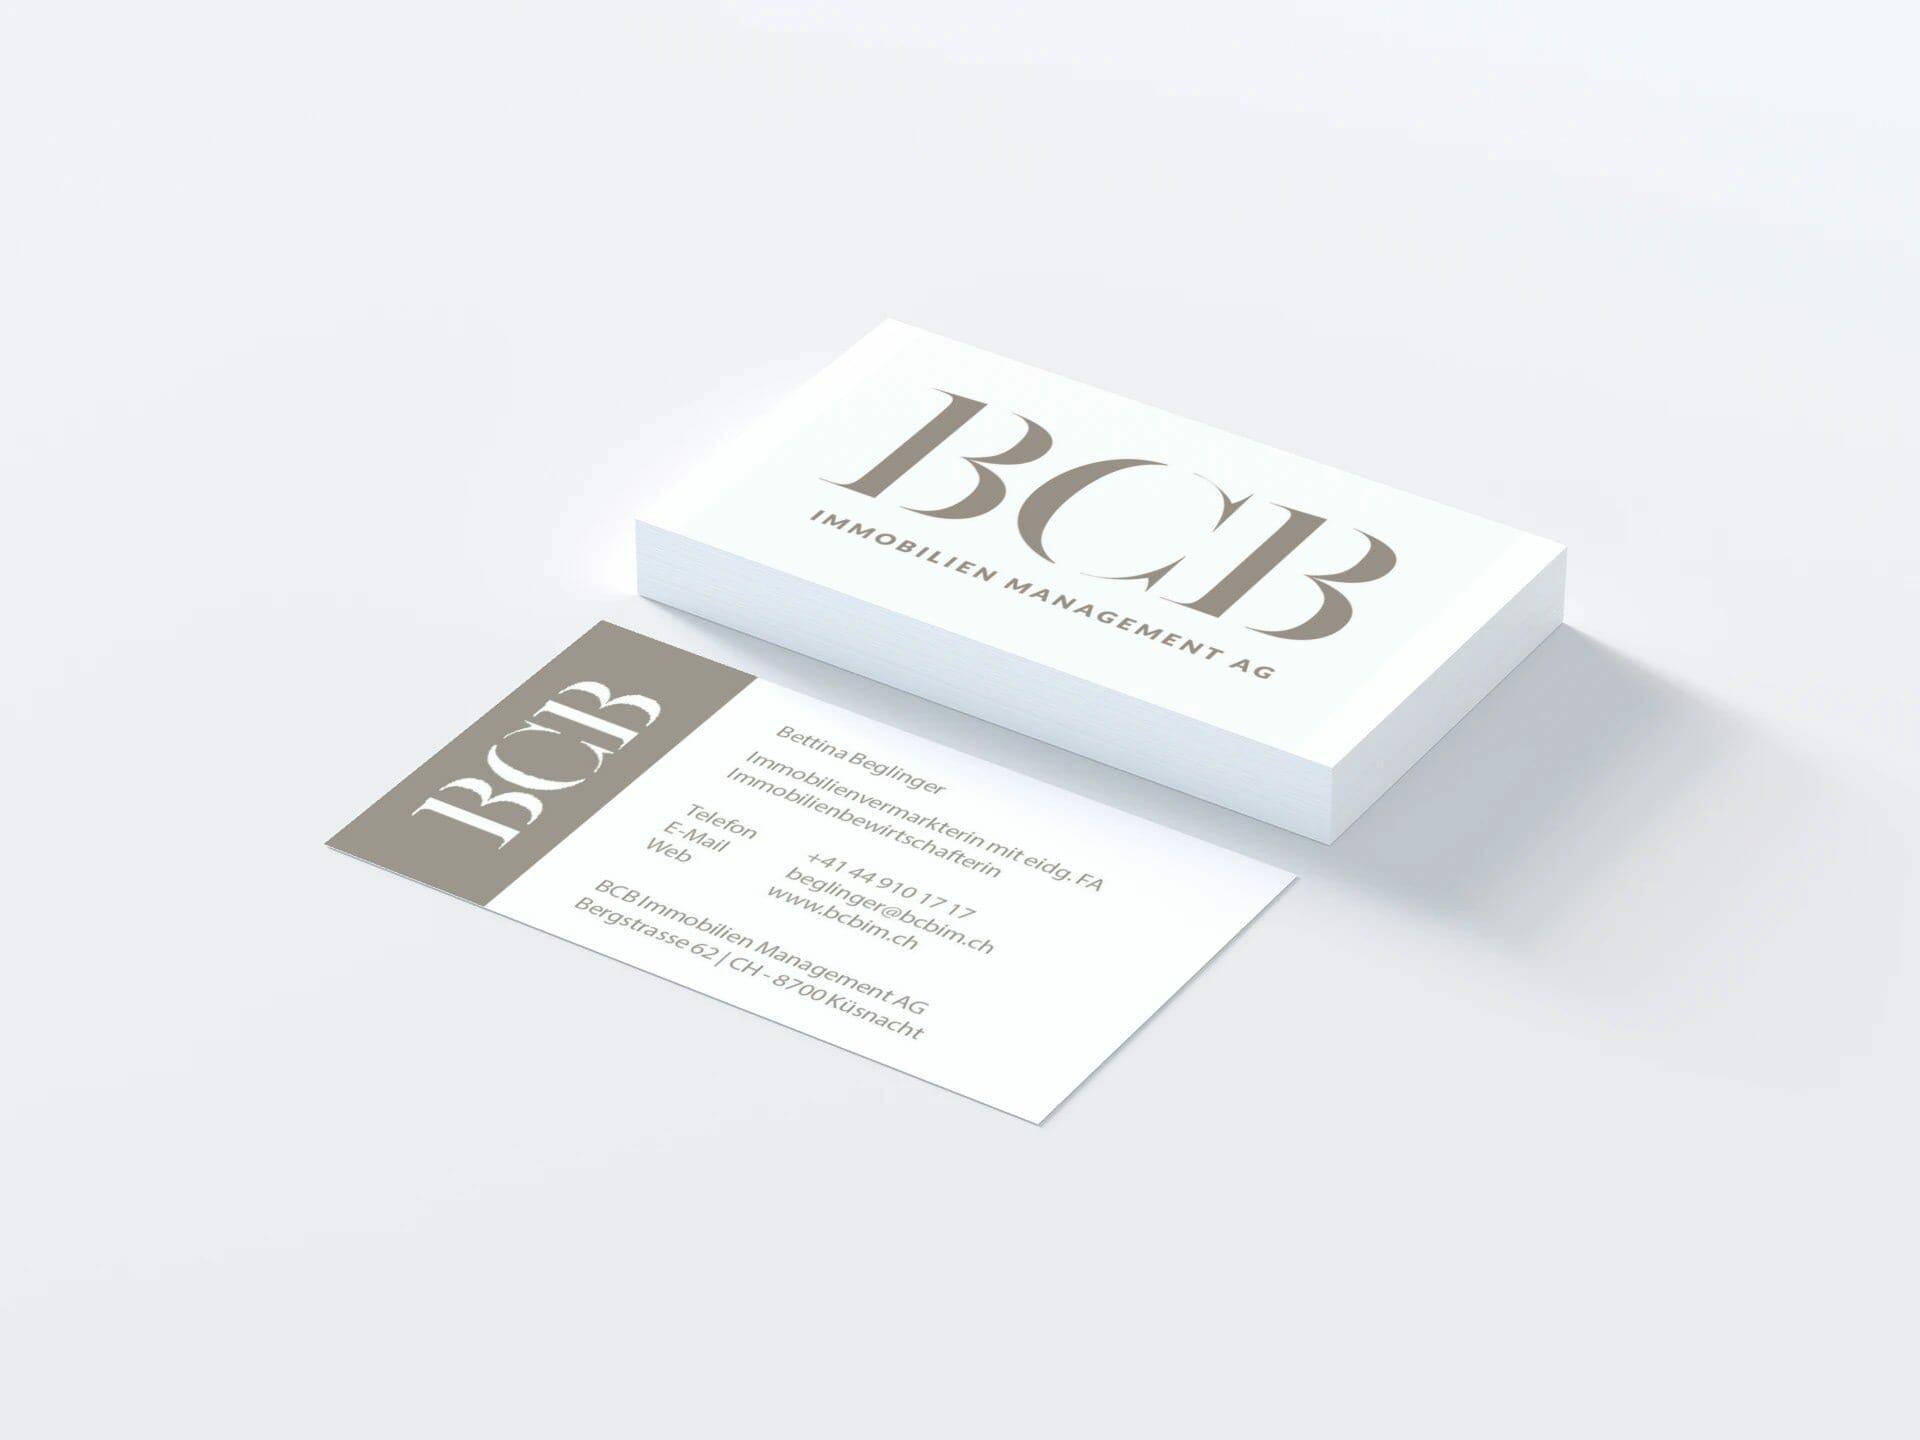 BCB Immobilien Management